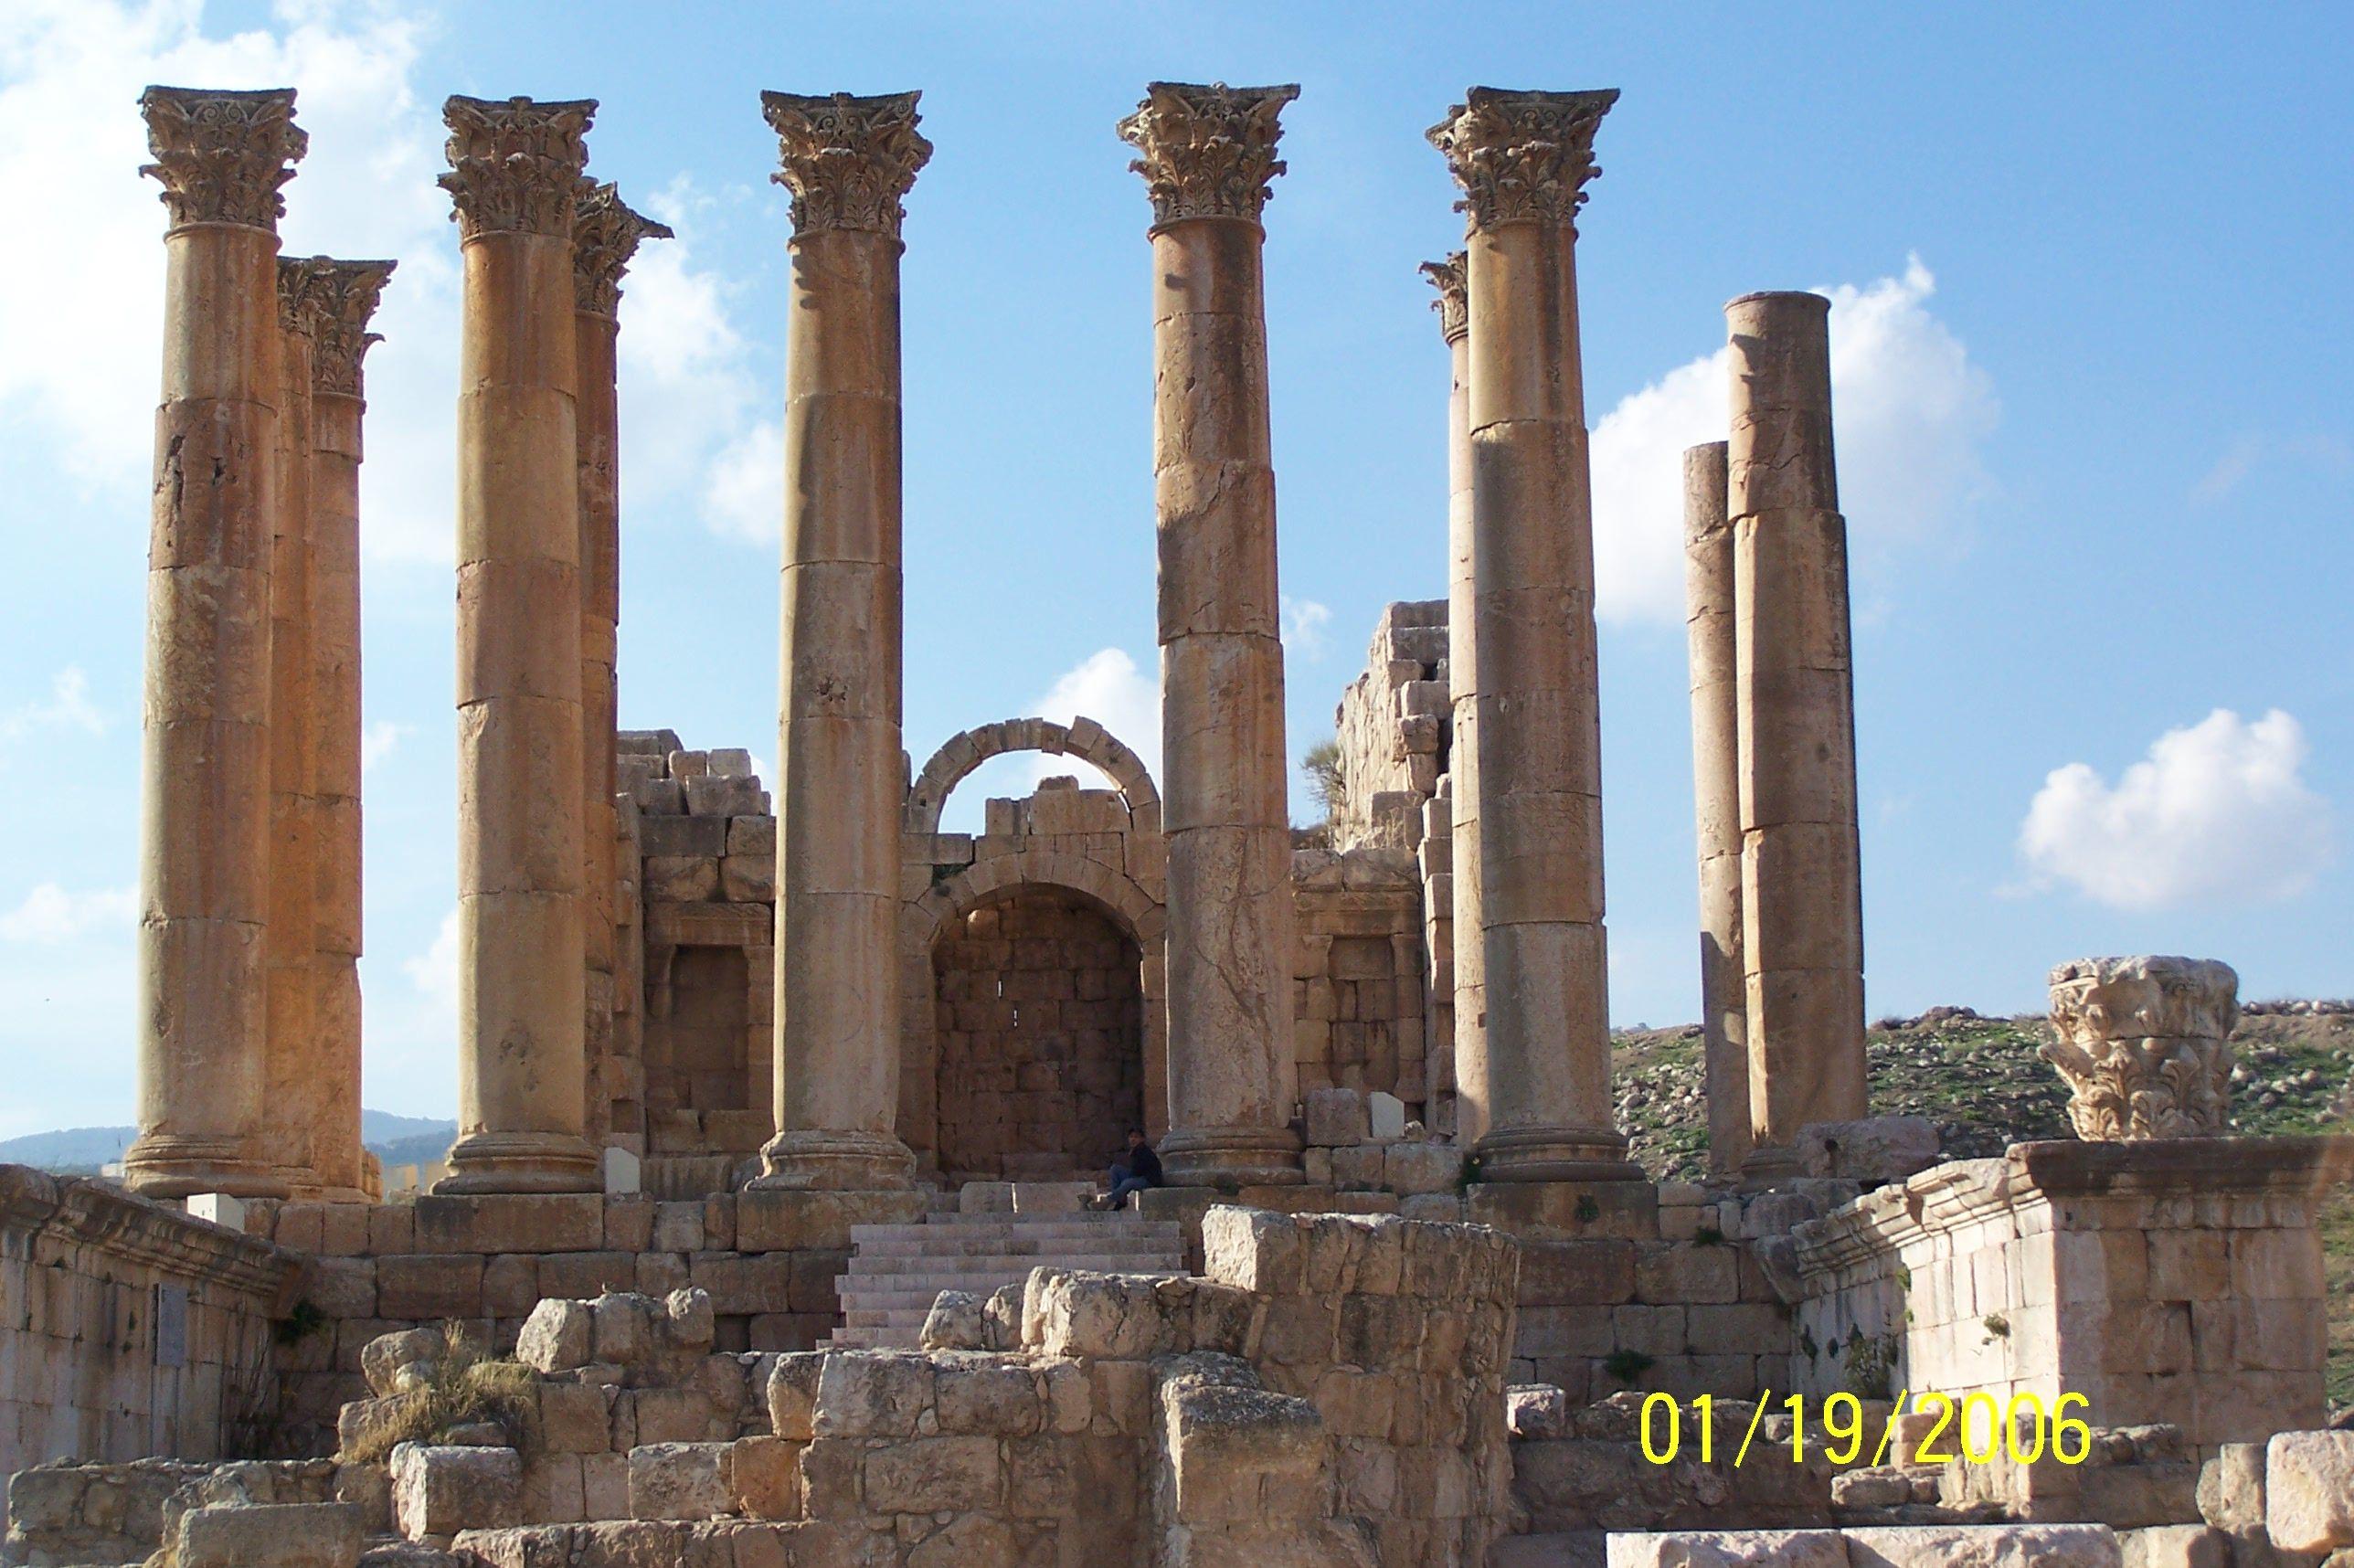 My amateur shot of ancient ruins in Jarash, Jordan